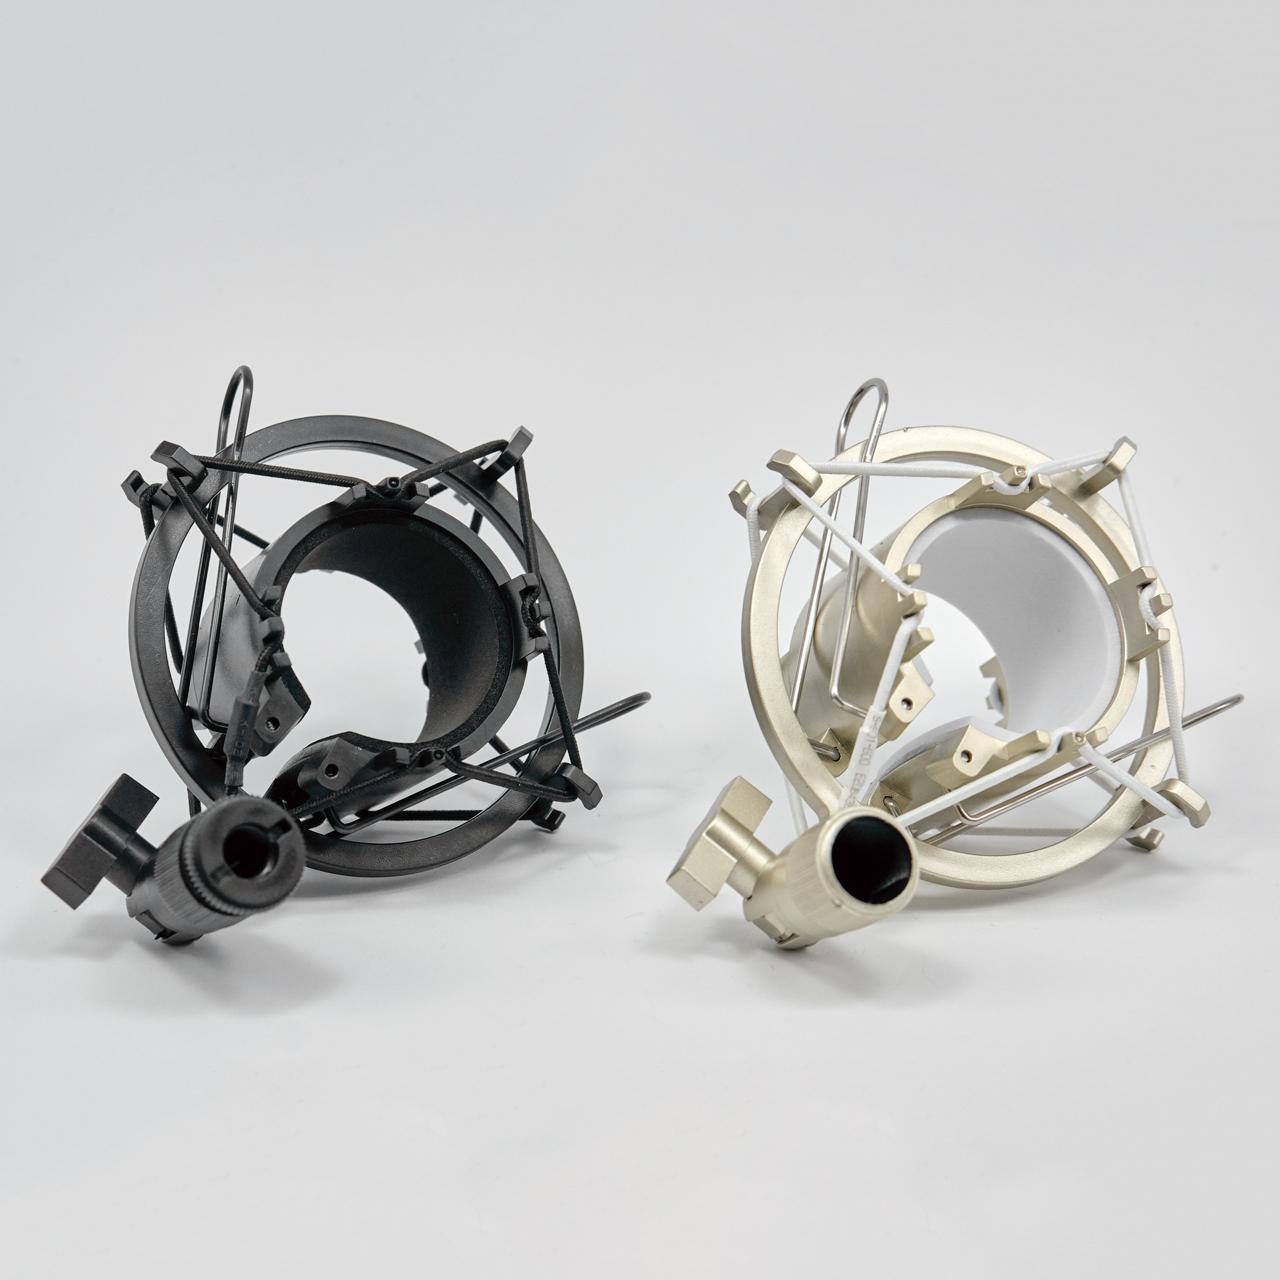 Паук держатель универсальный для конденсаторного микрофона